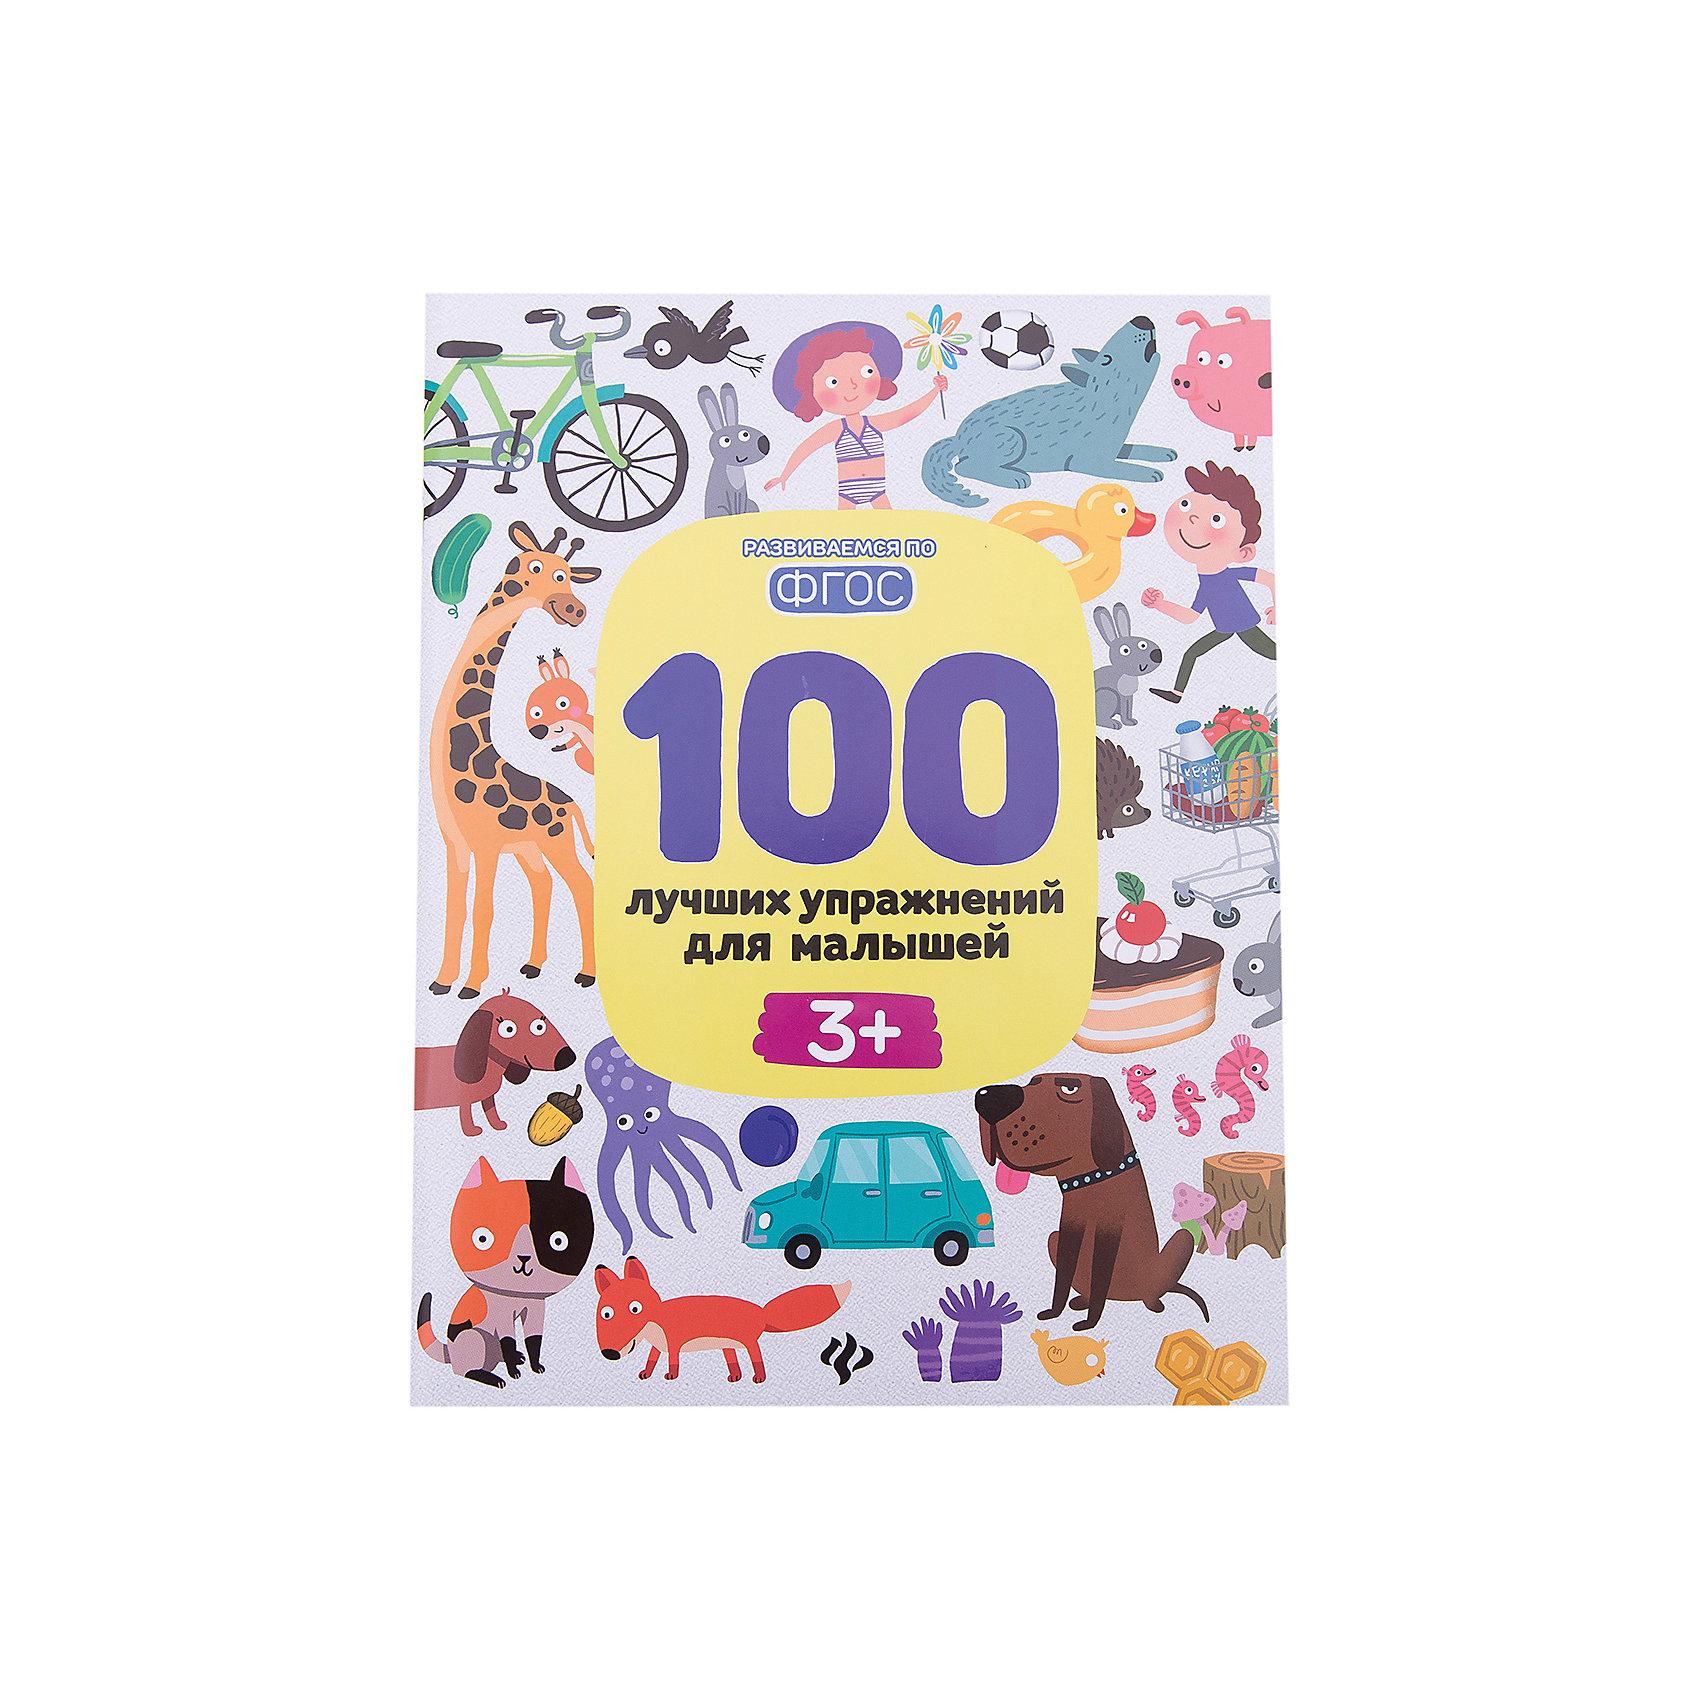 Книга 100 лучших упражнений для малышей, от 3х лет<br><br>Ширина мм: 260<br>Глубина мм: 202<br>Высота мм: 40<br>Вес г: 155<br>Возраст от месяцев: -2147483648<br>Возраст до месяцев: 2147483647<br>Пол: Унисекс<br>Возраст: Детский<br>SKU: 5464476